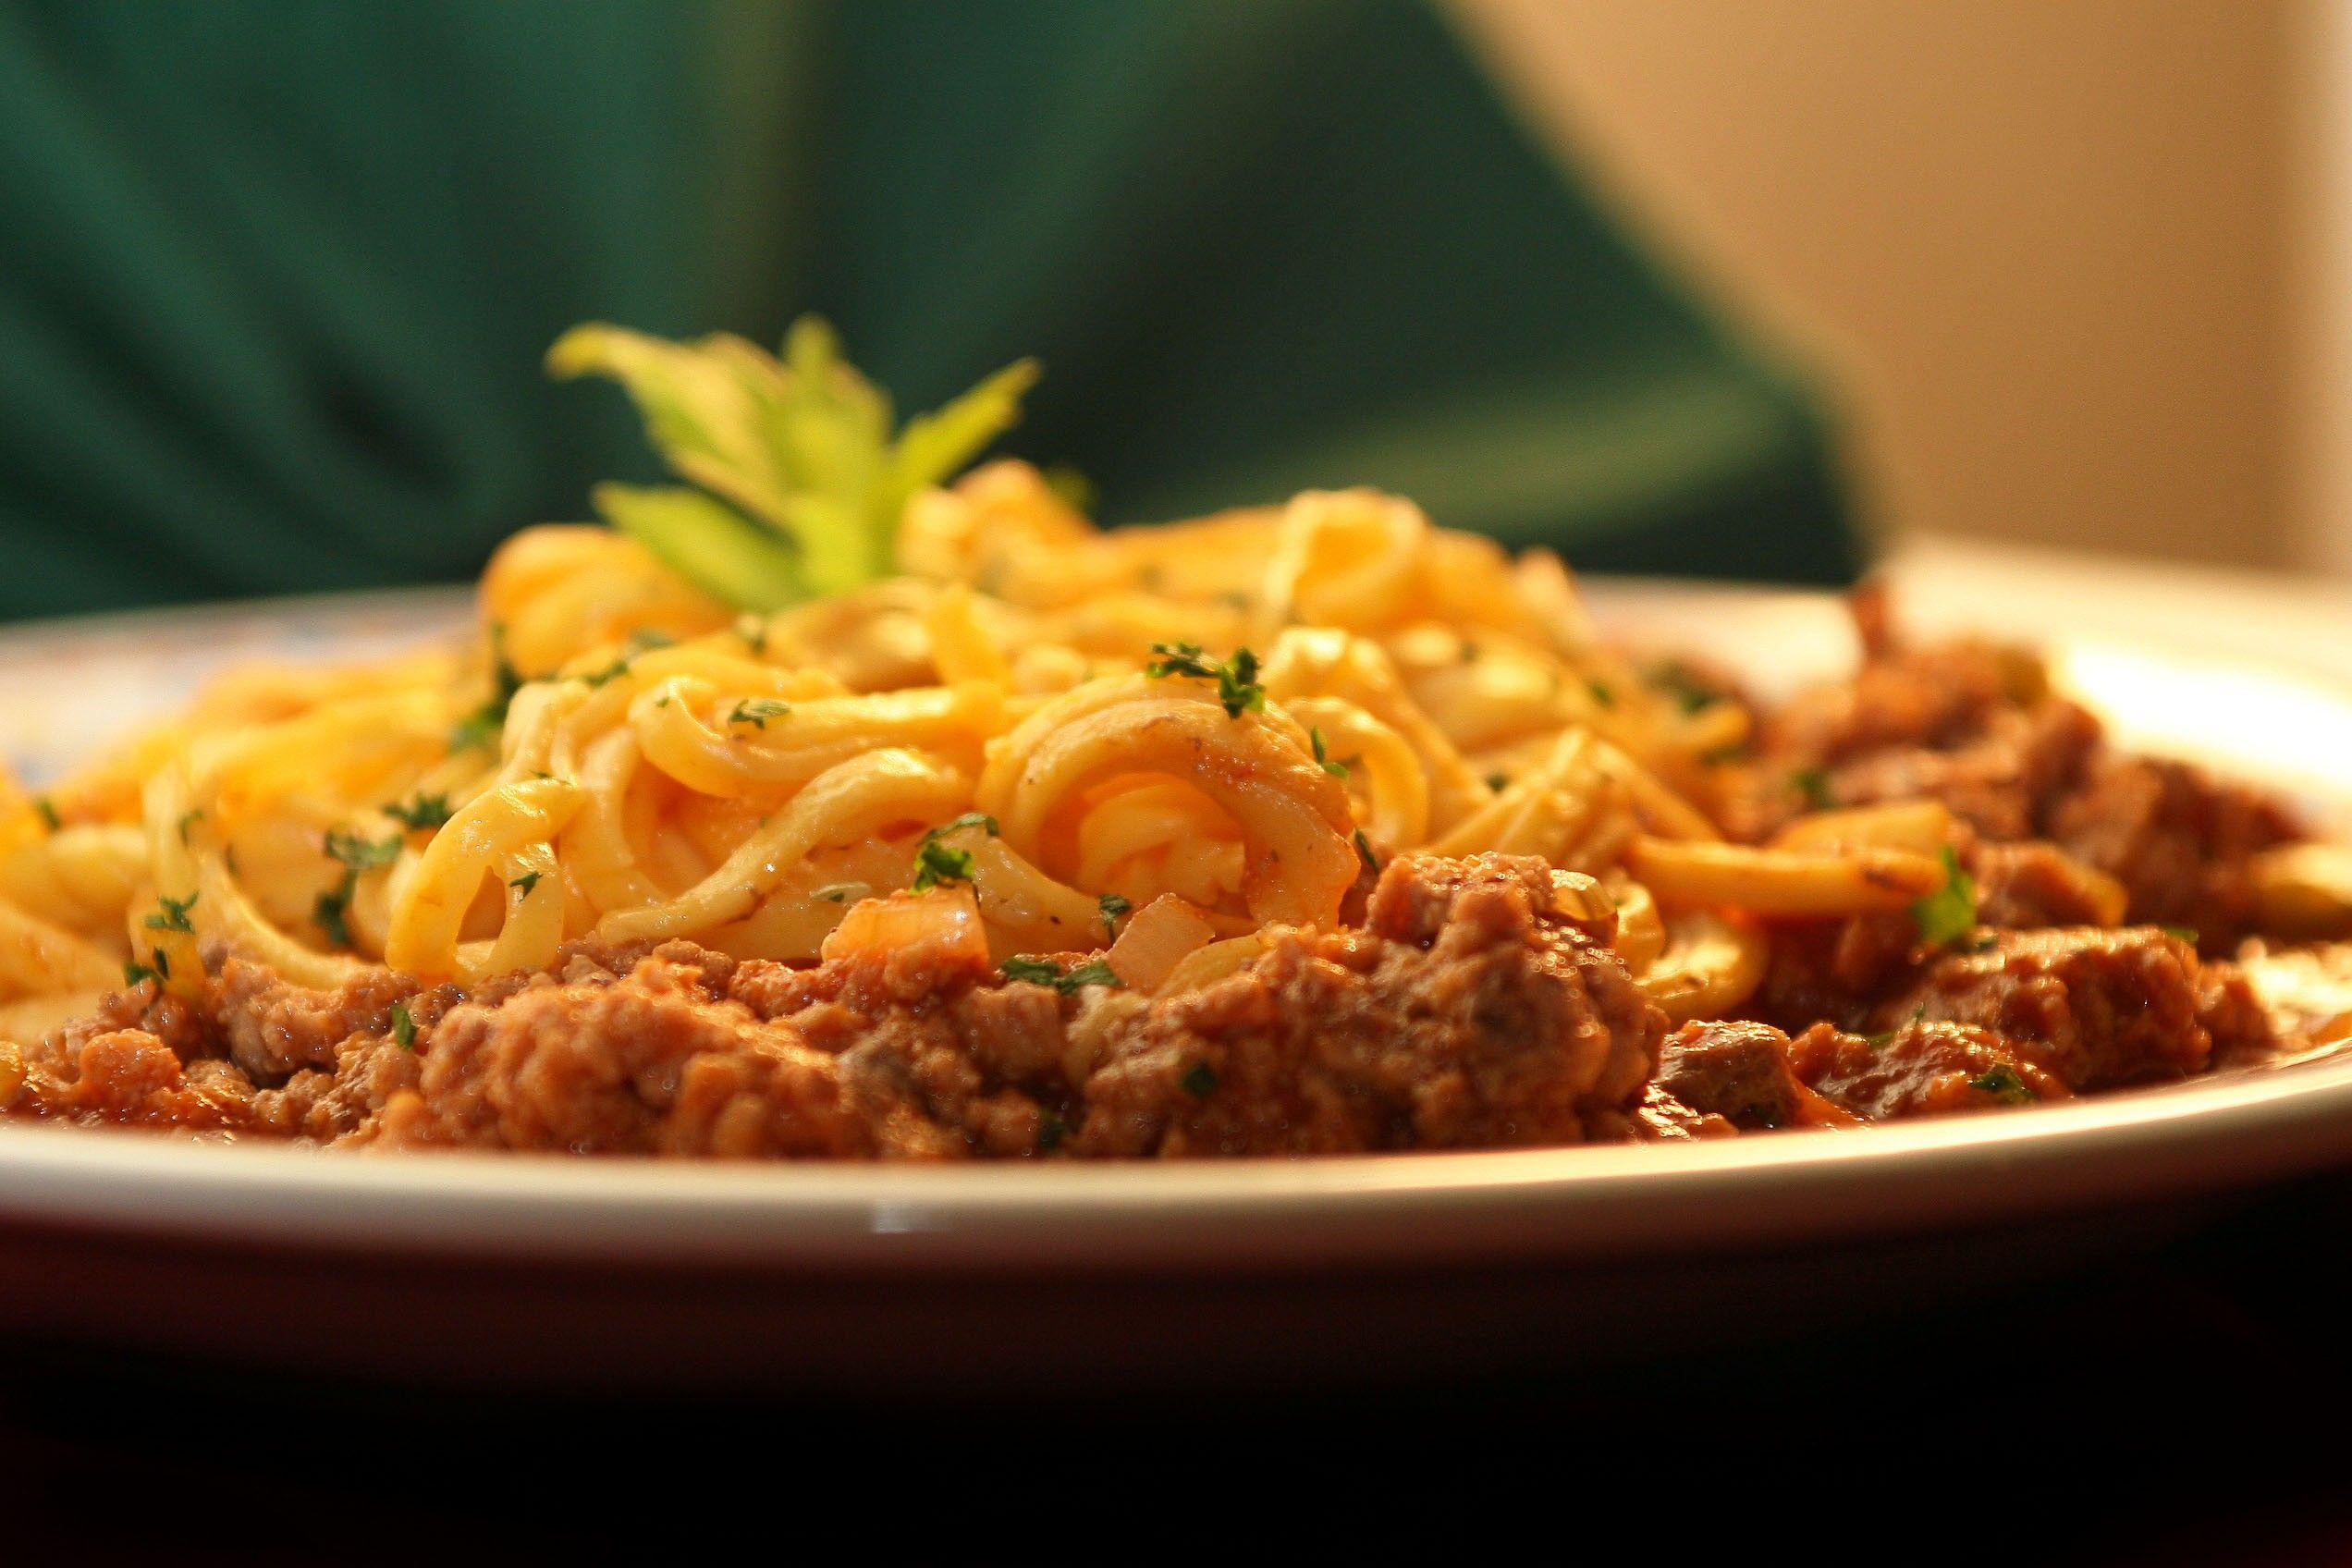 Molho de Macarrão - São 7 receitas de molho para macarrão deliciosos e originais italianas. Aprenda a preparar um delicioso molho de tomate, alho e óleo e o...